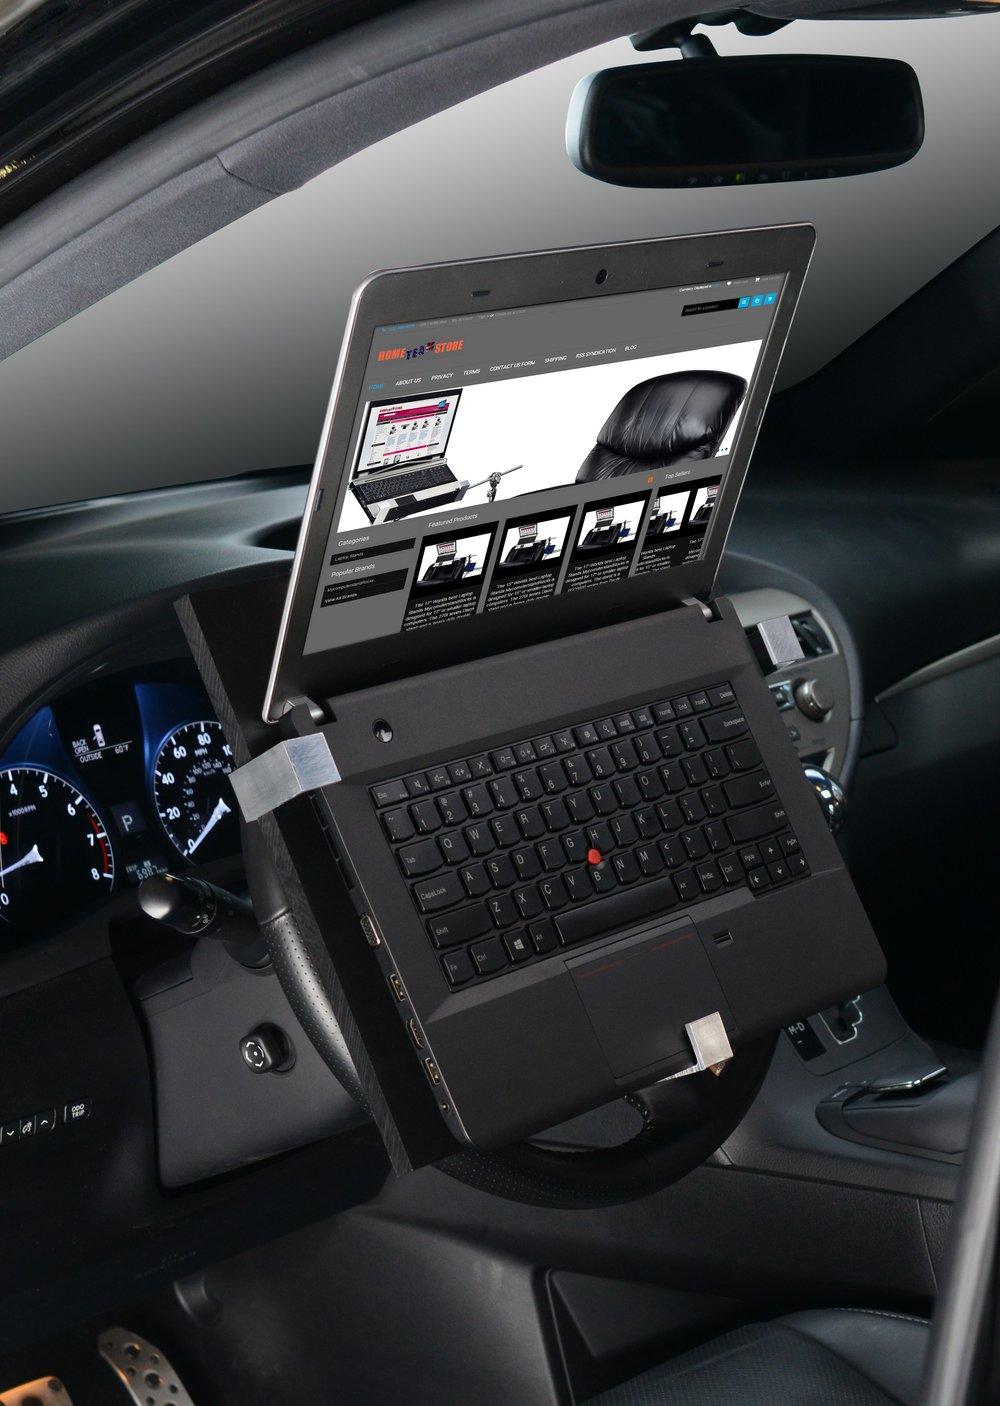 steeringwheellaptop.jpg